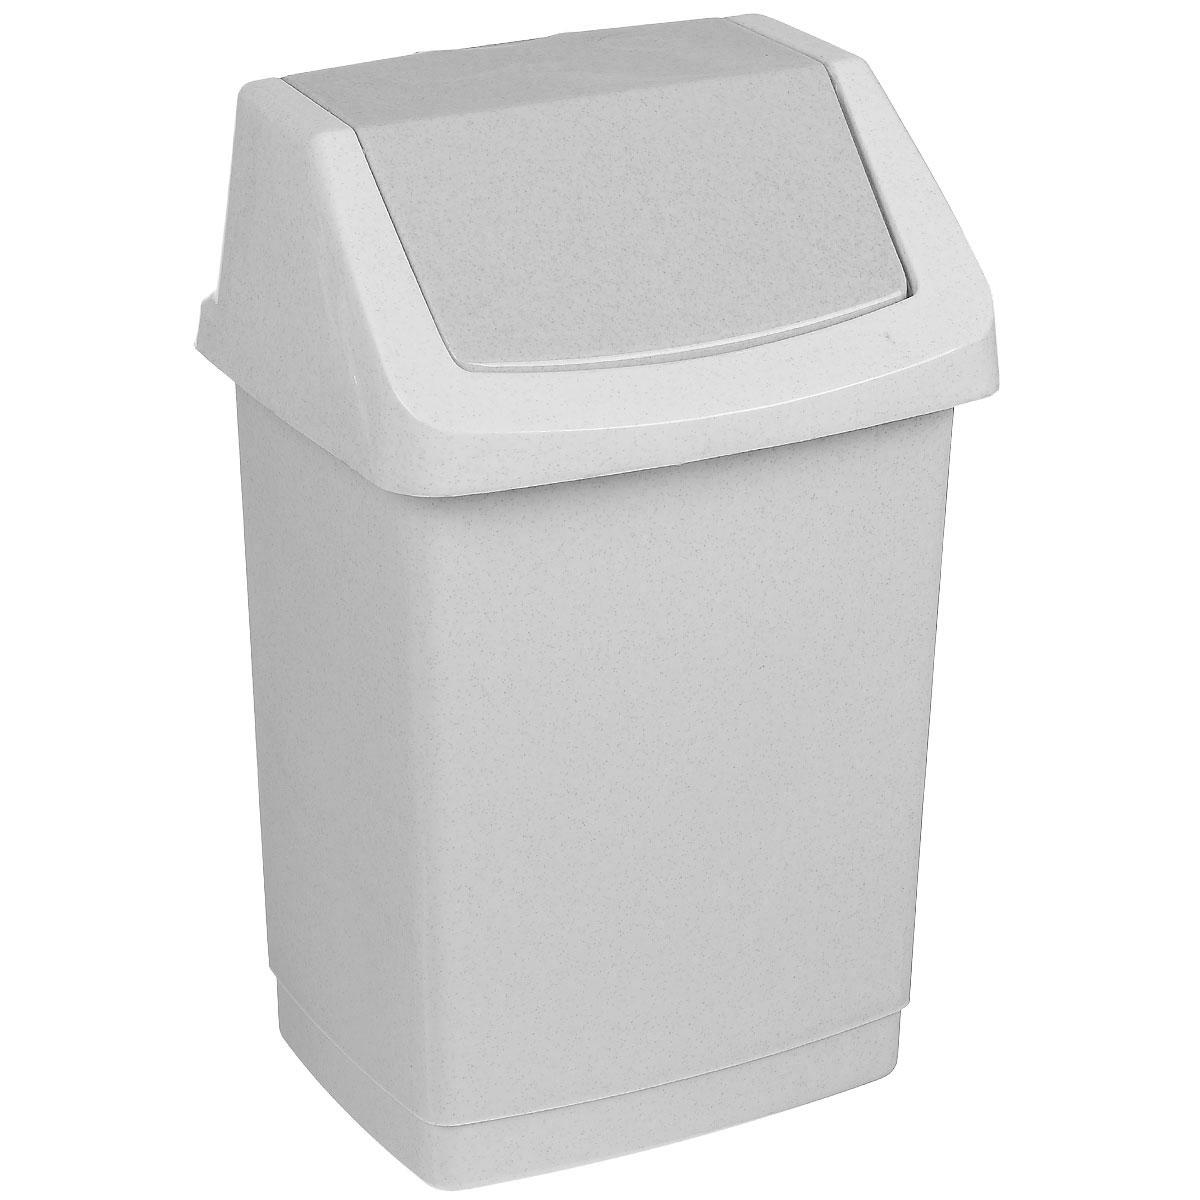 Контейнер для мусора Curver Клик-ит, цвет: серый люкс (гранит), 15 л41619Контейнер для мусора Curver Клик-ит изготовлен из прочного пластика. Контейнер снабжен удобной съемной крышкой с подвижной перегородкой. В нем удобно хранить мелкий мусор. Благодаря лаконичному дизайну такой контейнер идеально впишется в интерьер и дома, и офиса.